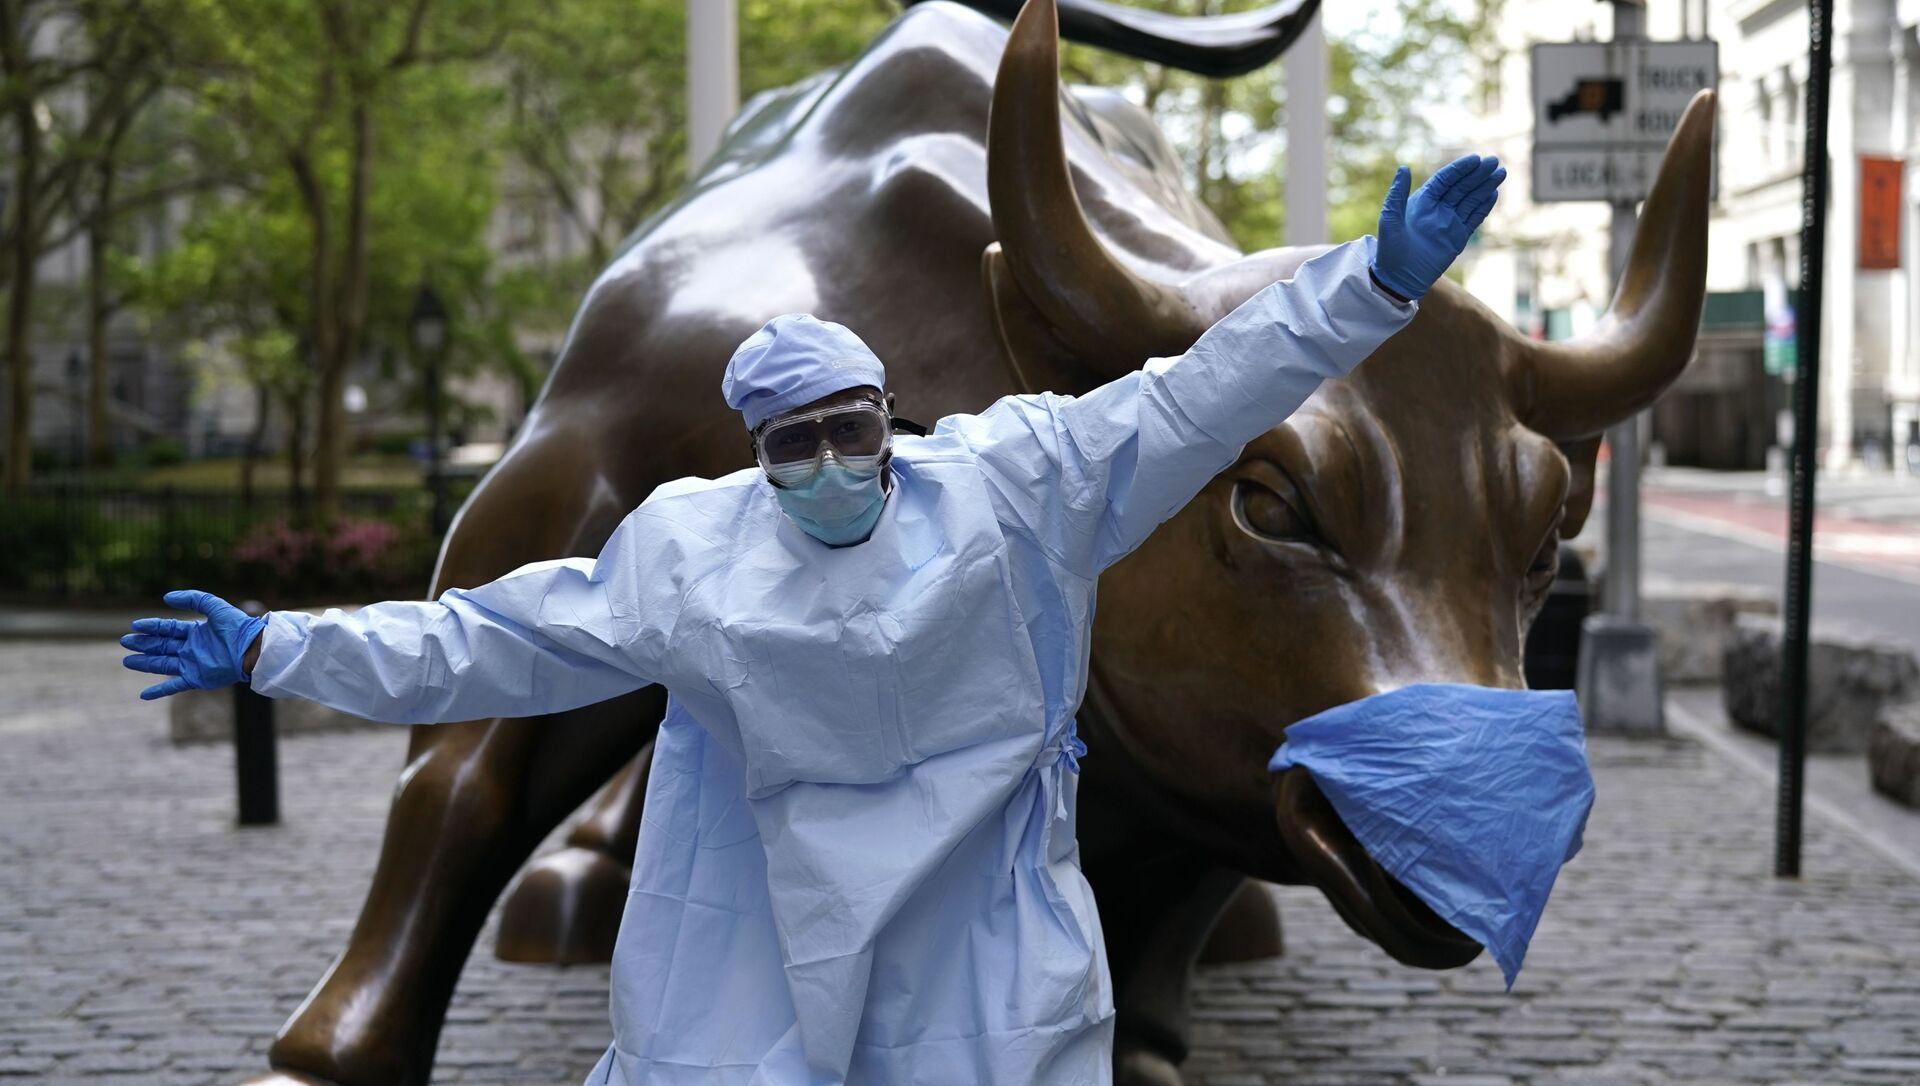 Статуя быка на Уолл-стрит, США - Sputnik Italia, 1920, 25.02.2021